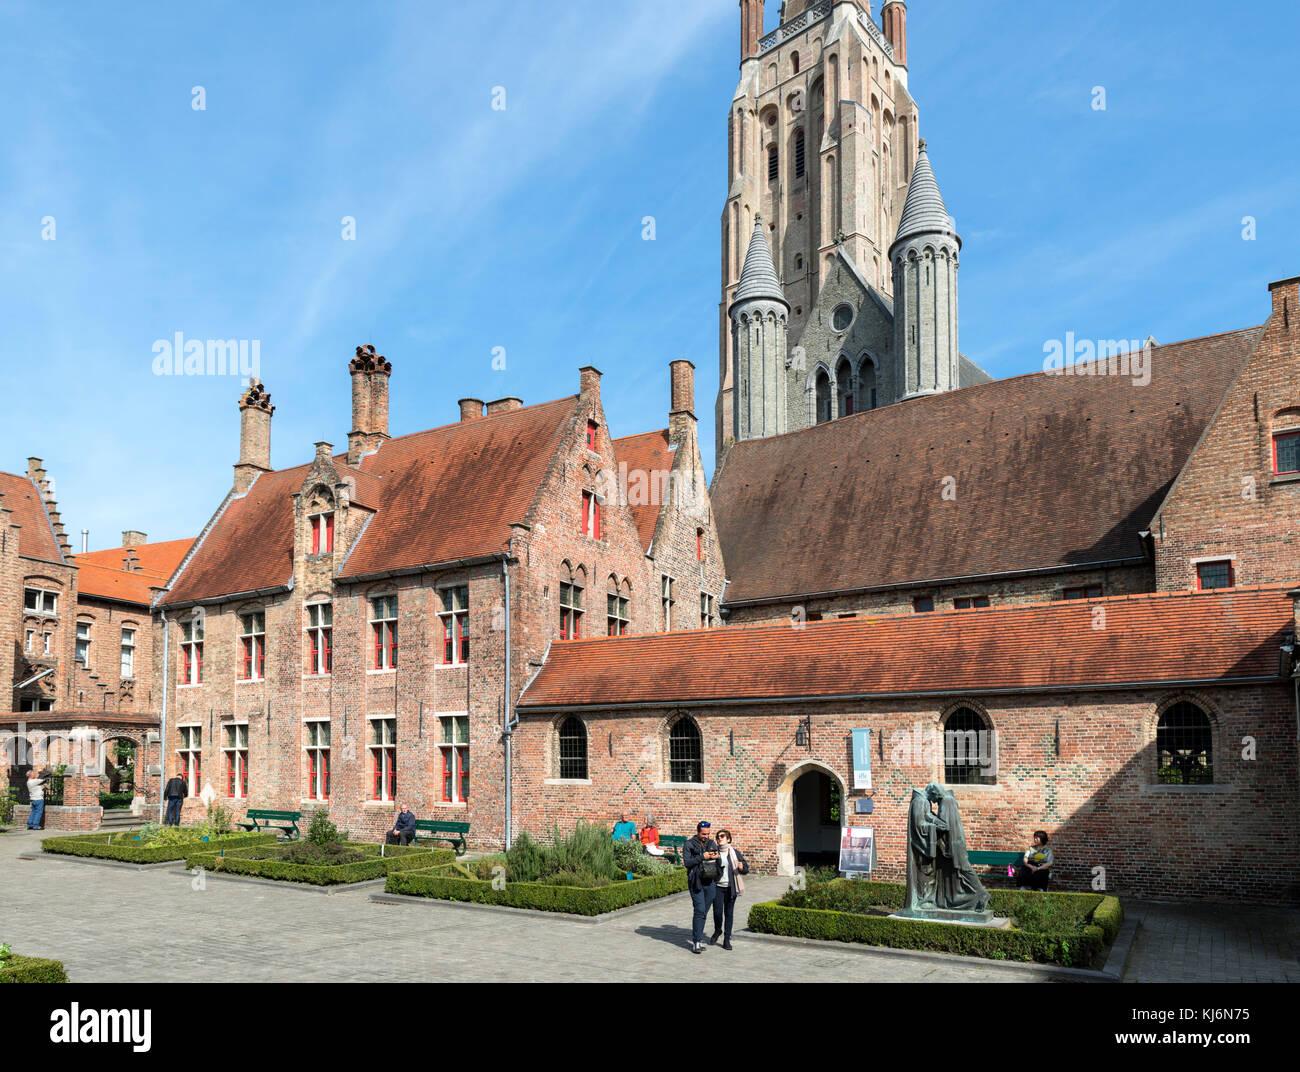 Le vieux St john's hospital (oud sint-janshospitaal) avec flèche de l'église Notre-Dame (onze Photo Stock